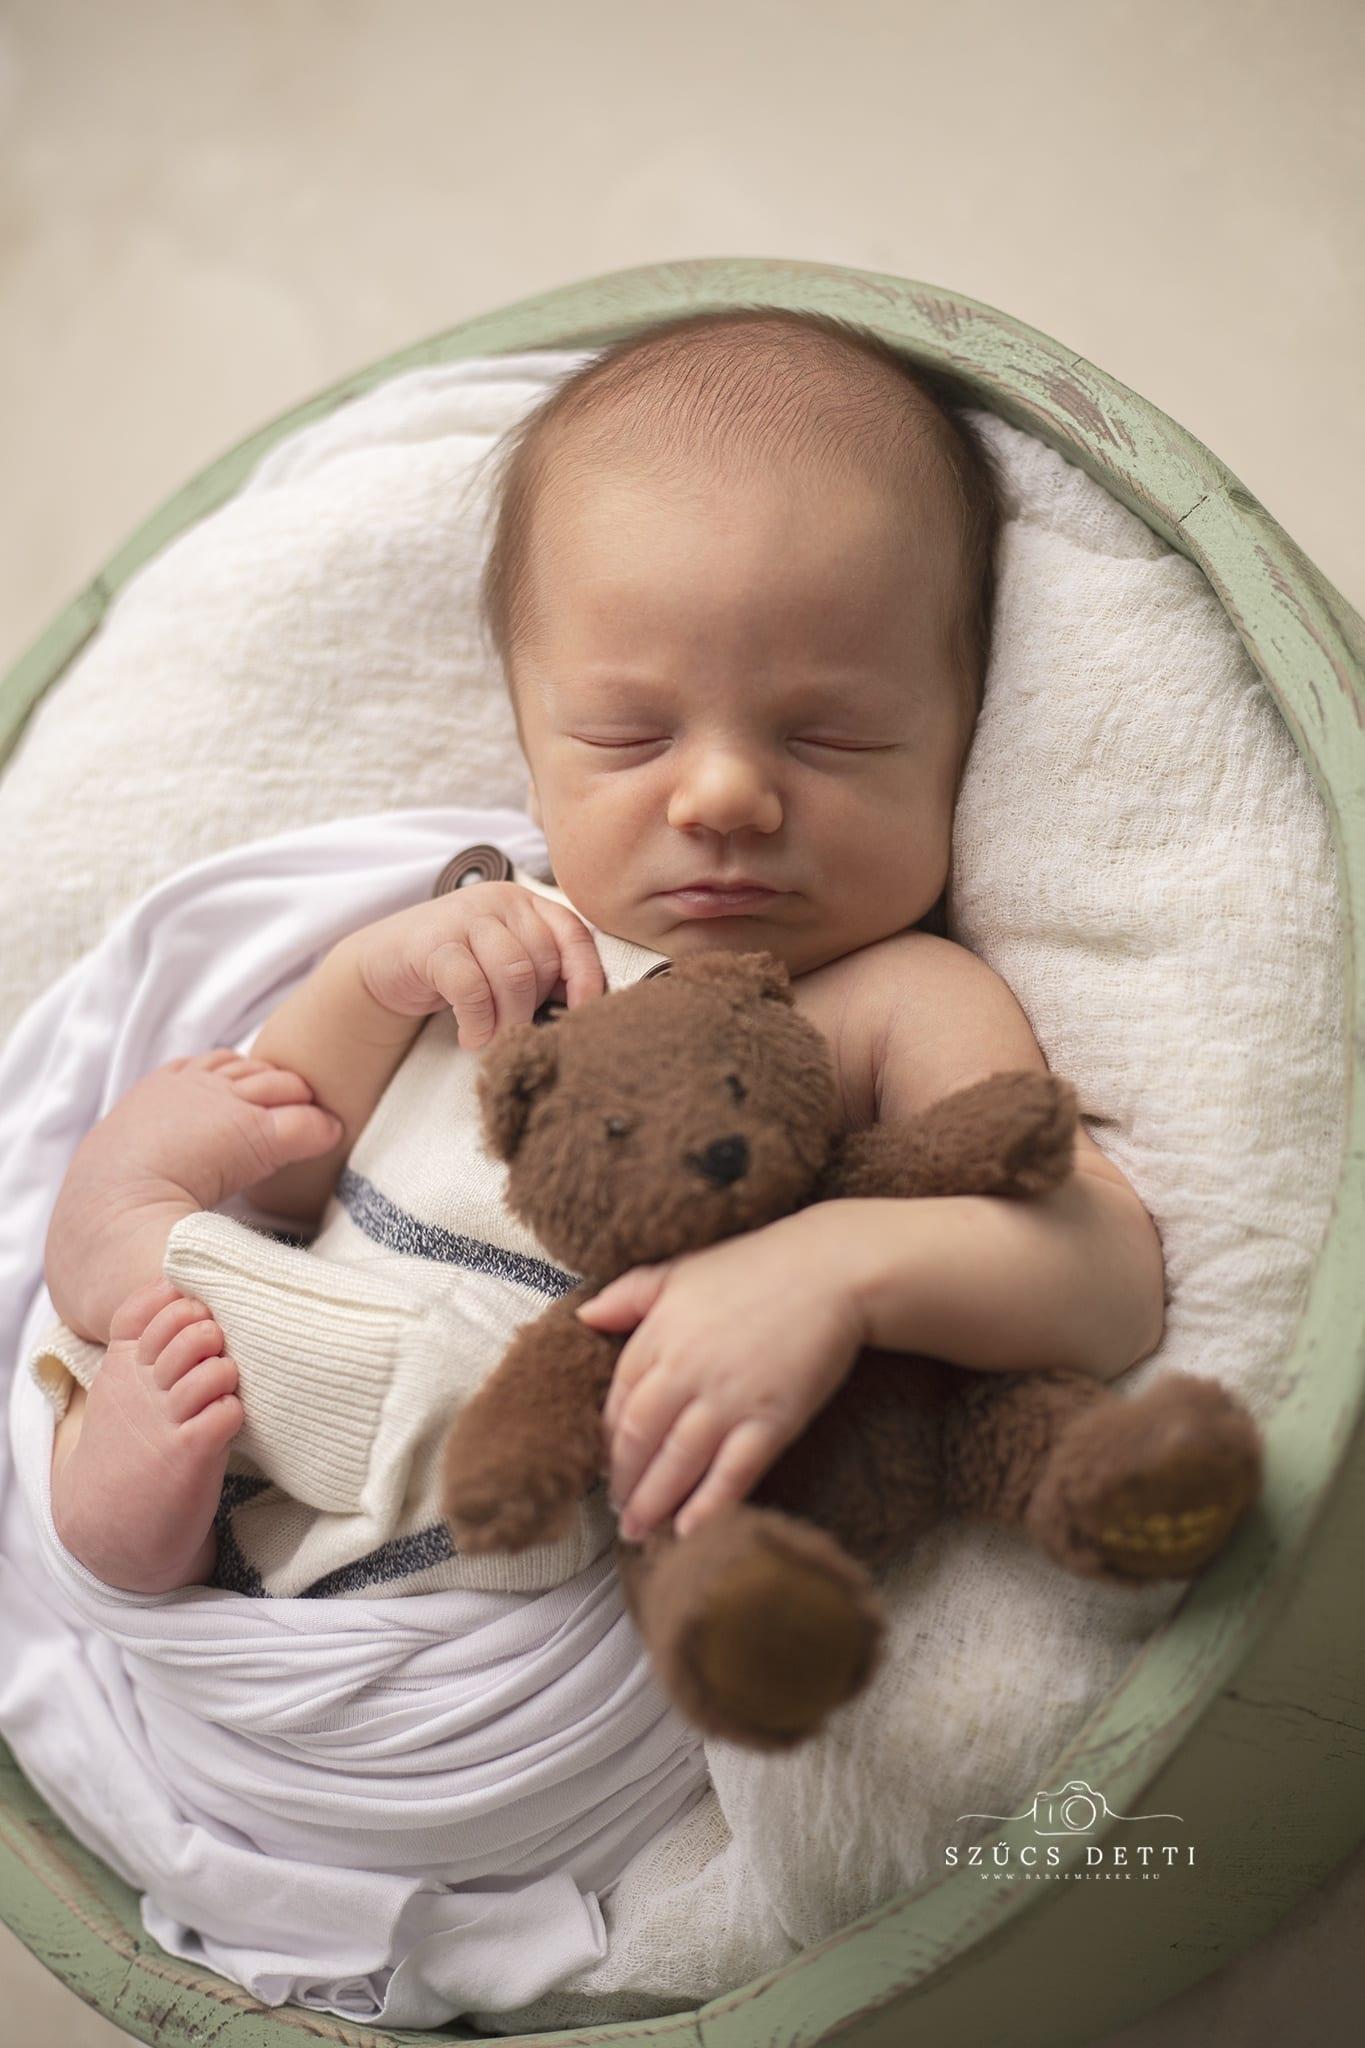 Babapúderillatú újszülöttfotózás 01